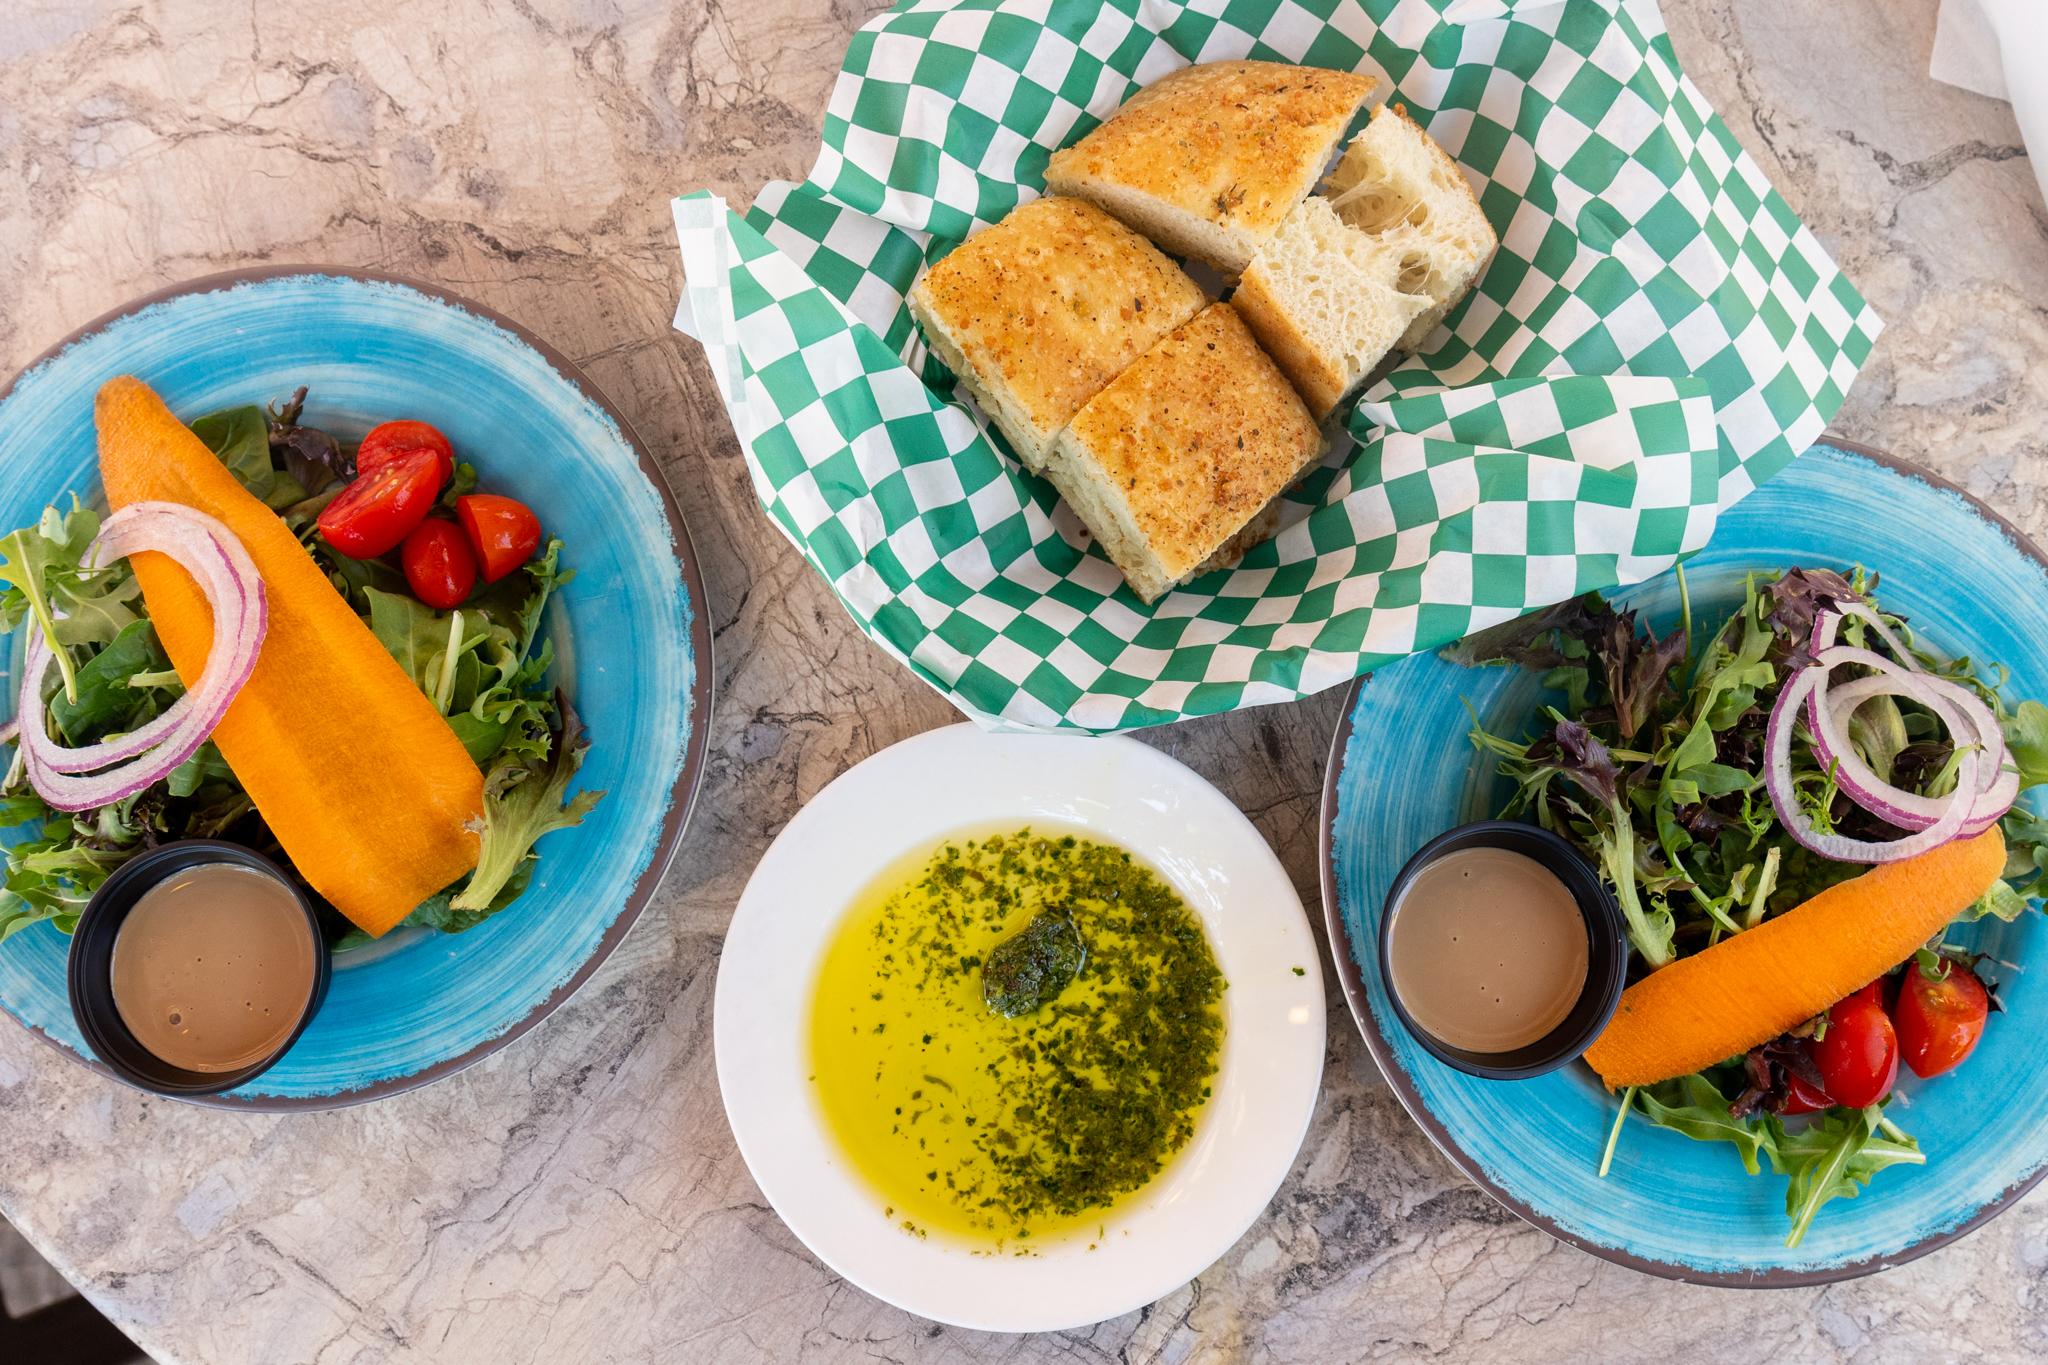 Tutto Bene House Salads and Focaccia Bread